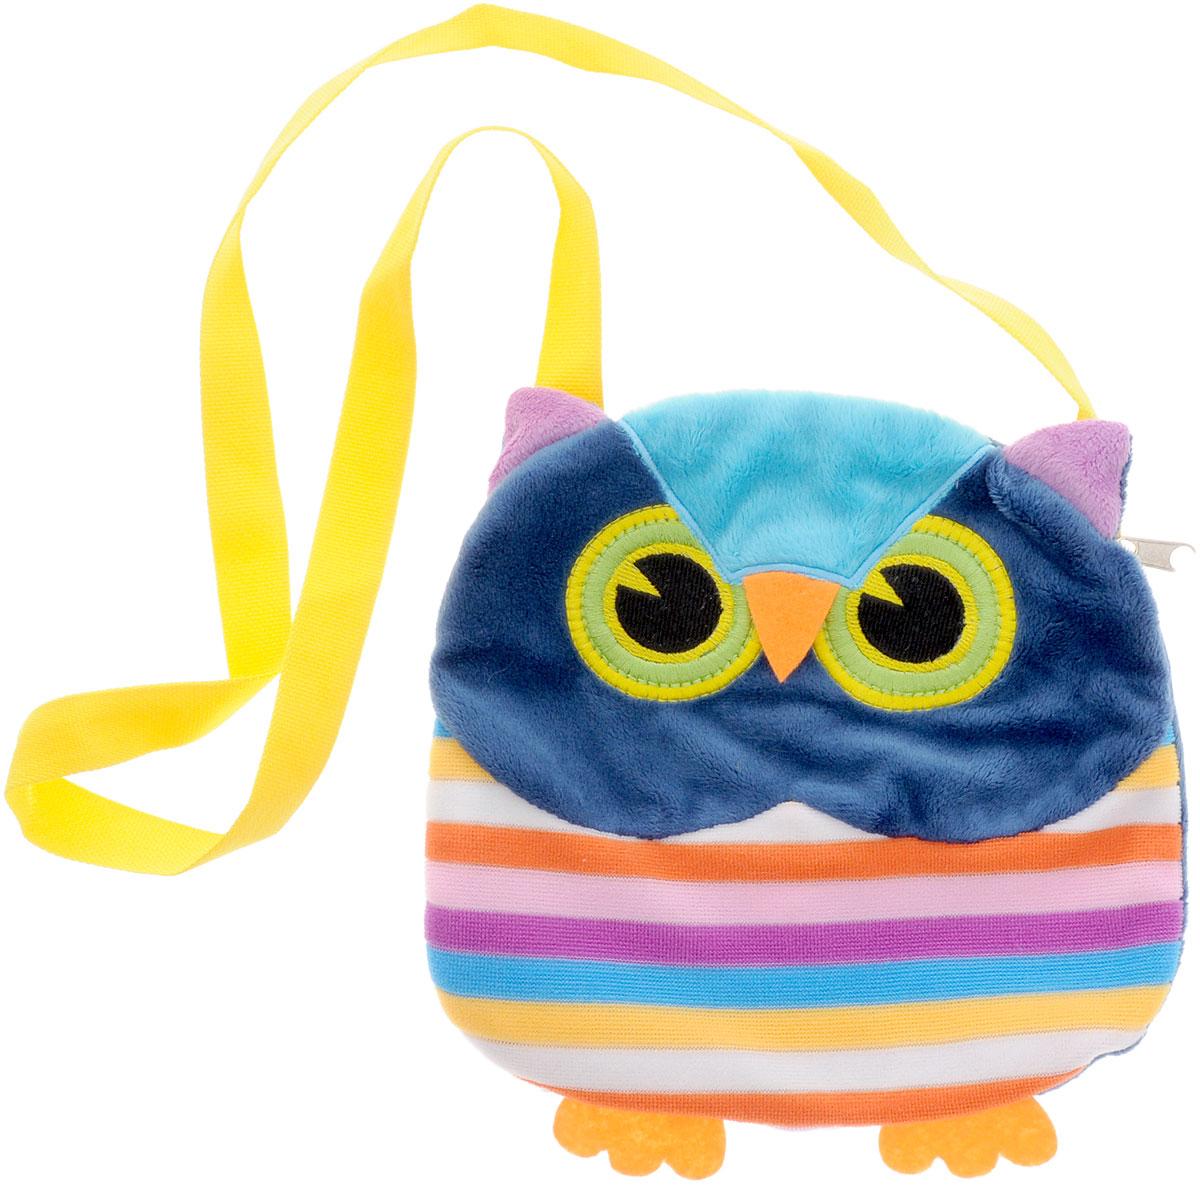 Fancy Сумка детская Сова730396Детская сумка Fancy Сова обязательно понравится каждой маленькой моднице. Сумочка выполнена в виде яркой полосатой совы и декорирована ушками, лапками и милой мордочкой с вышитыми глазками. Сумка изготовлена из мягкого ворсового трикотажа. Сумка имеет одно отделение, которое закрывается на пластиковую молнию с металлическим бегунком. Сумка имеет длинную лямку для ношения на плече. Порадуйте свою малышку таким замечательным подарком!